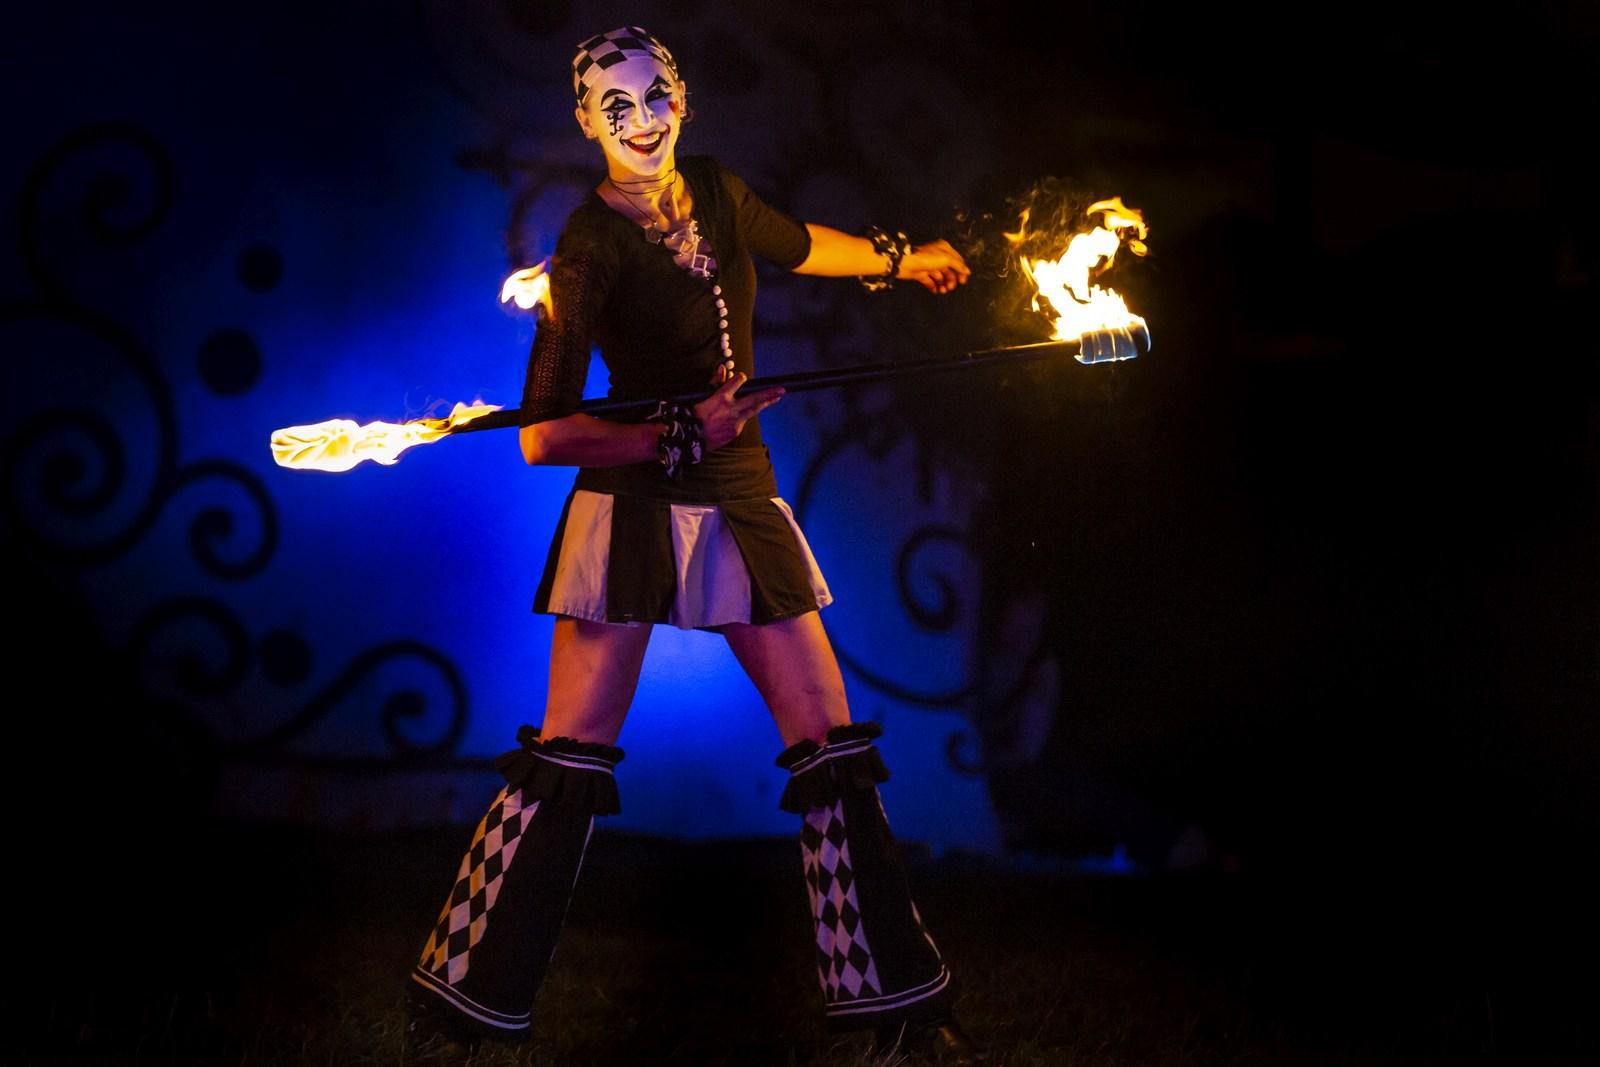 Zirkus Feuershow zum MPS Öjendorf 2018, Foto: Jens Arndt